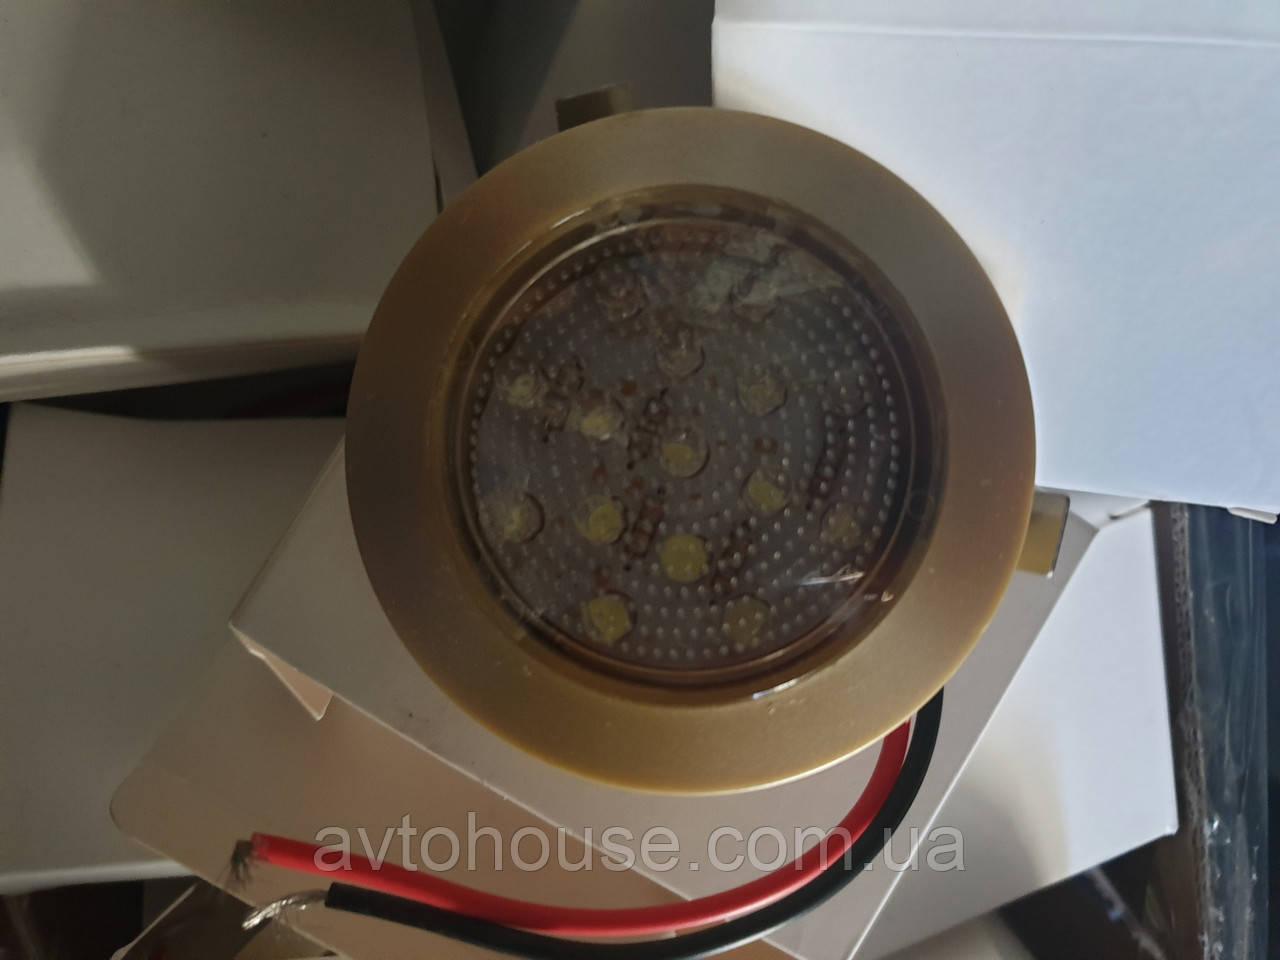 Светильники точечные для авто 12 V. беж. серий. хром